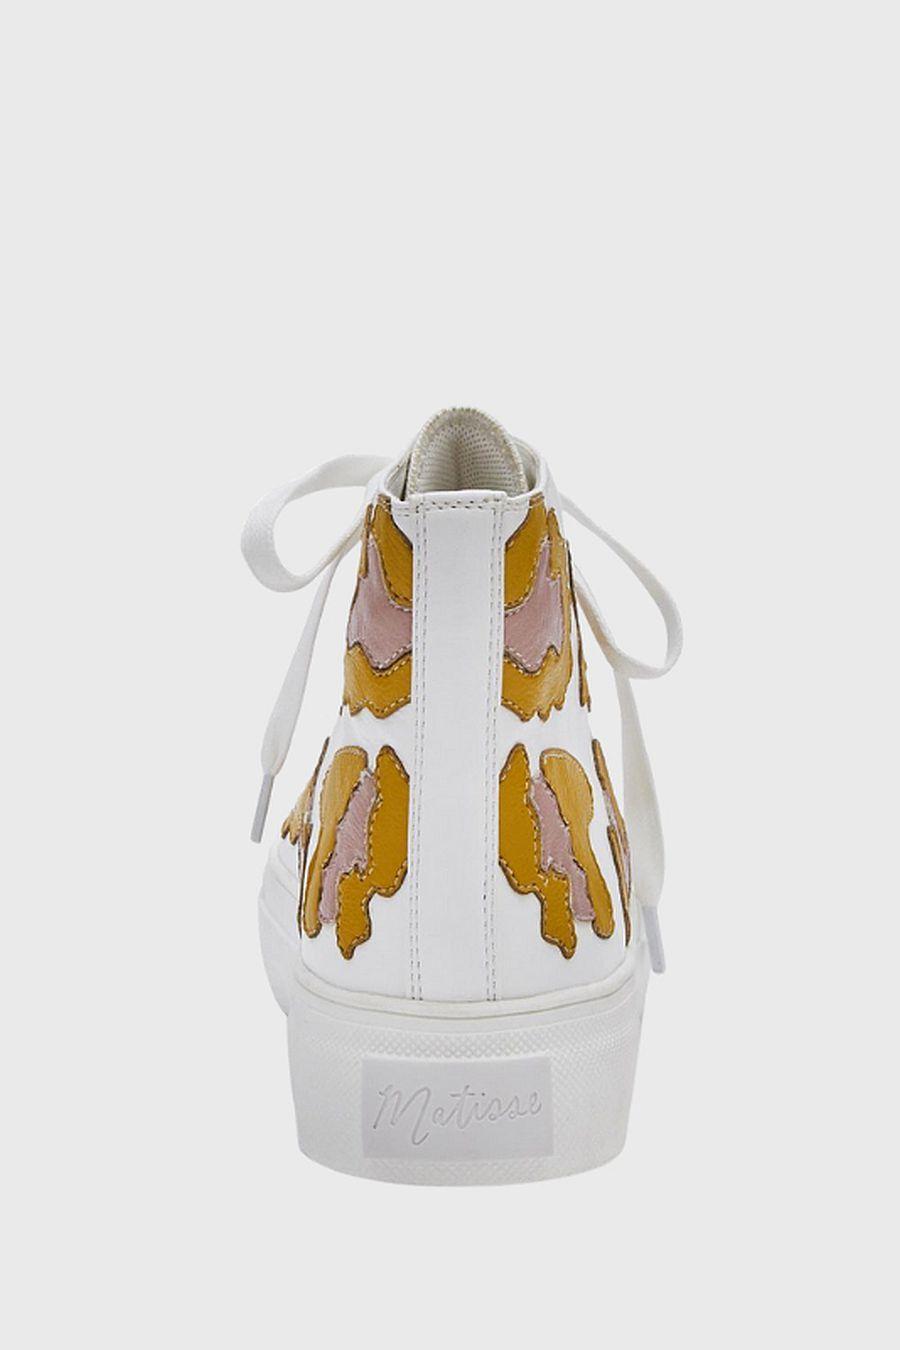 Matisse Footwear Eve High-Top Sneaker - yellow multi